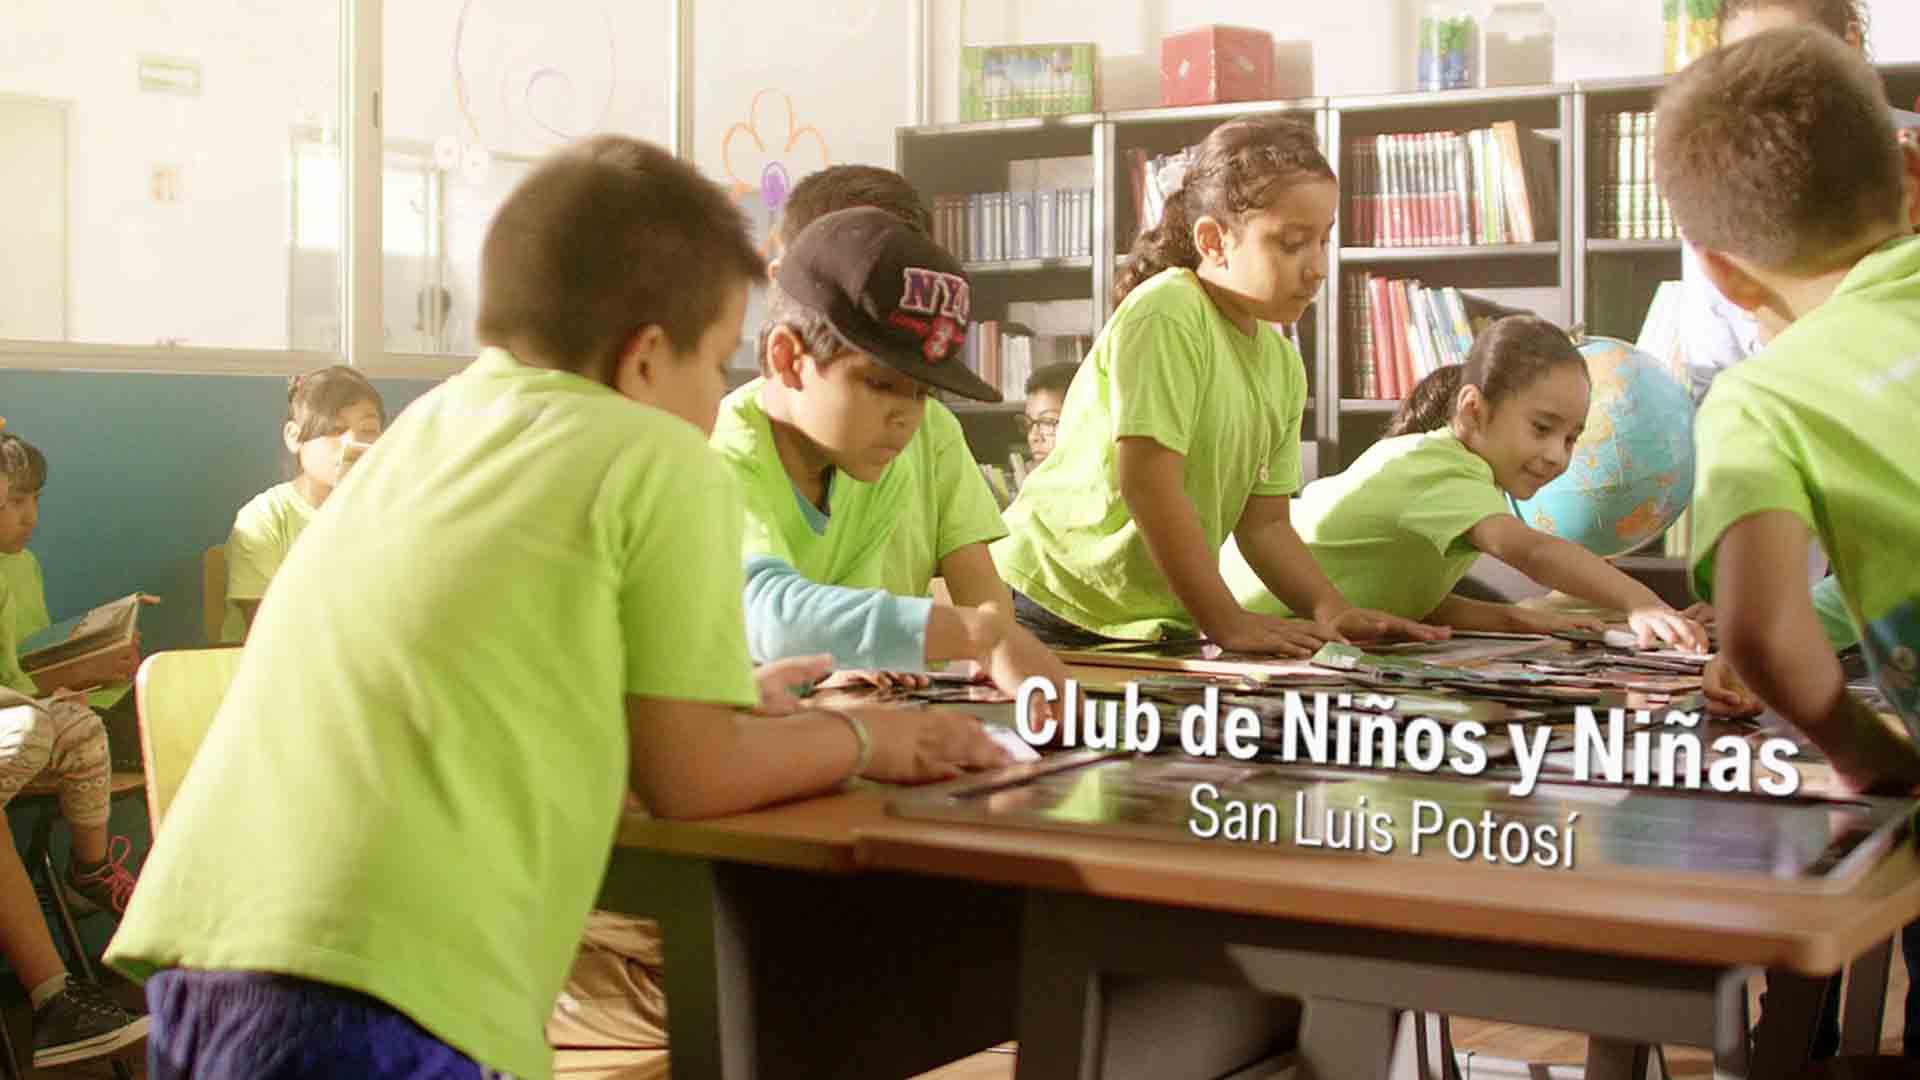 Das Bild zeigt einige Kinder die grüne T-shirts tragen. Sie sitzen an einem Schreibtisch. Hinter diesem Schreibtisch steht ein Bücherregal. Auf dem Schreibtisch ist ein animierter Text eingebettet. Das Bild dient als Sliderbild für den Portfolioeintrag BMW Plant San Luis Potosí Mexico von Panda Pictures.